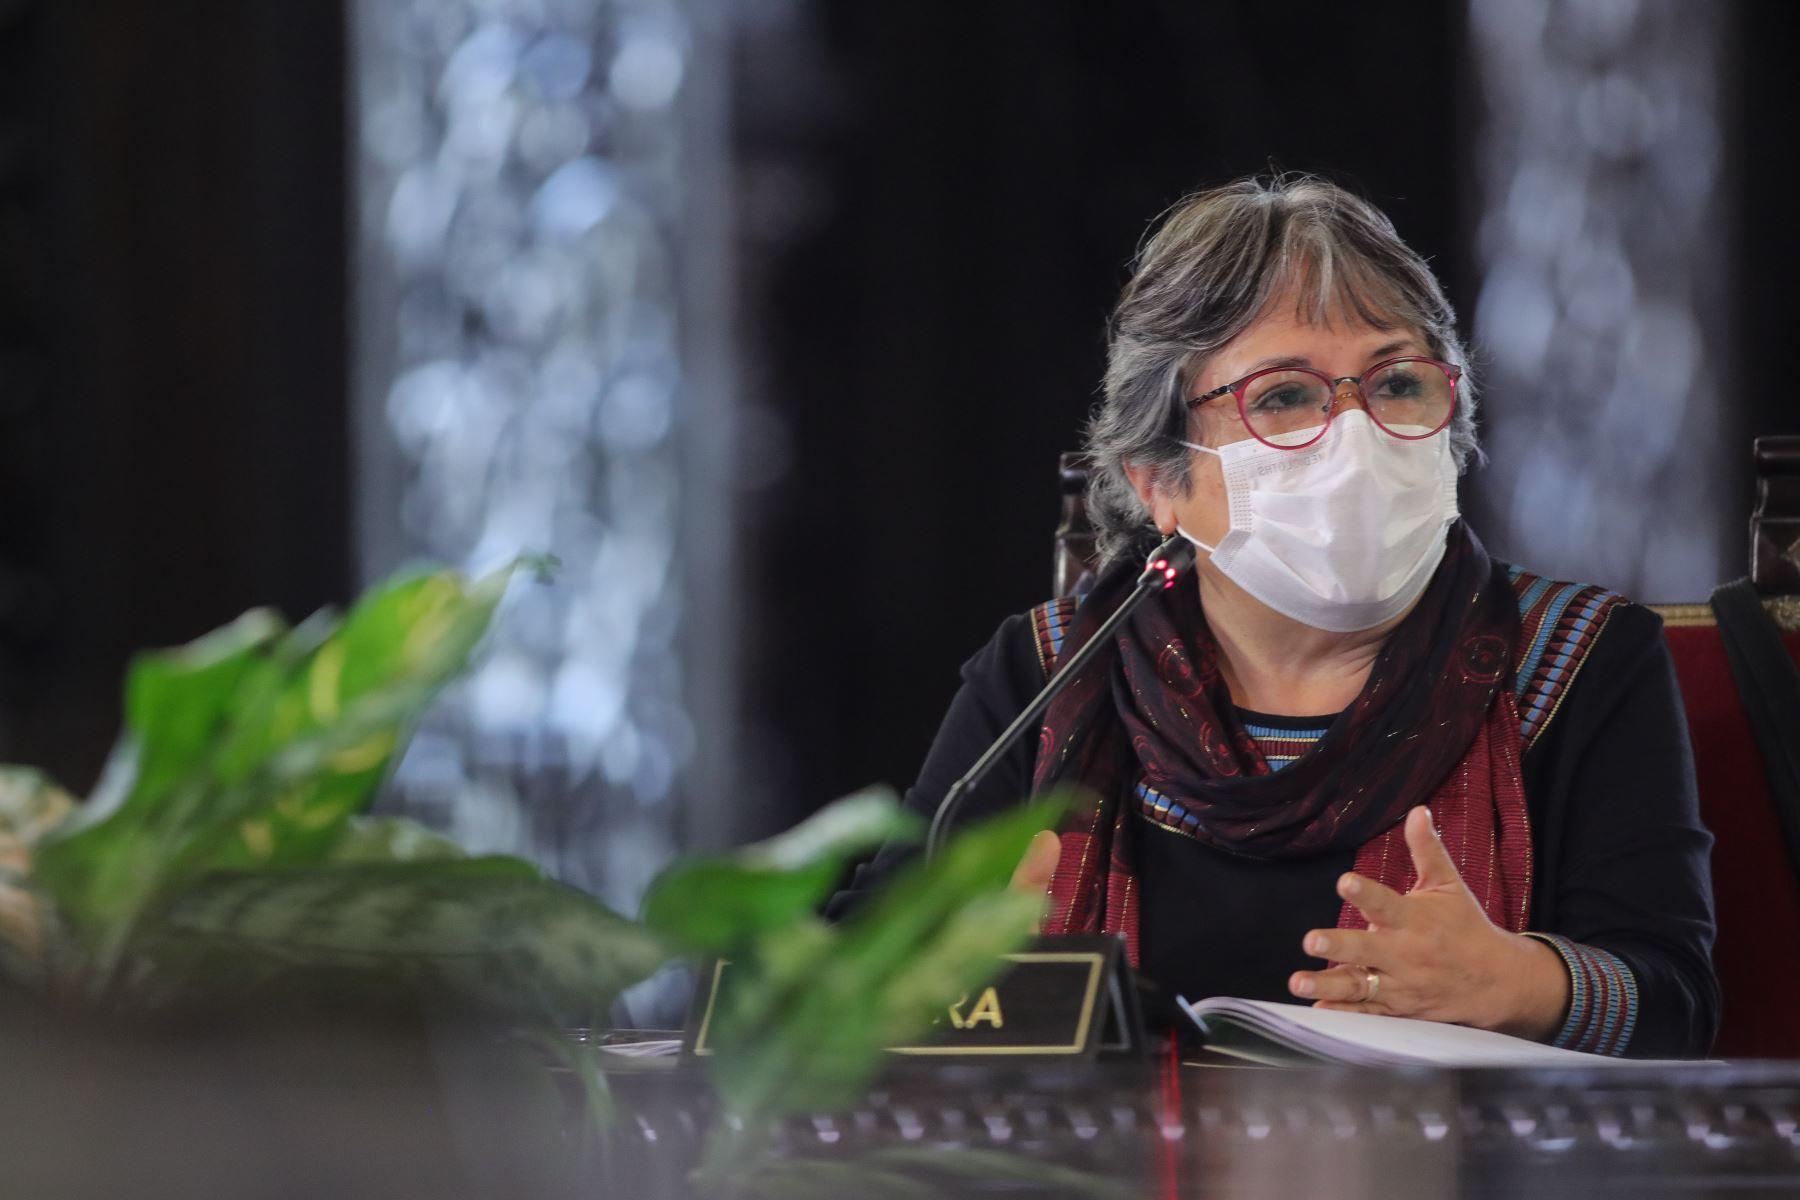 Ministra de Cultura, Sonia Guillén   informa sobre diferentes medidas adoptadas por su sector, en el marco del estado de emergencia nacional por el coronavirus .  Foto: ANDINA/ Prensa Presidencia